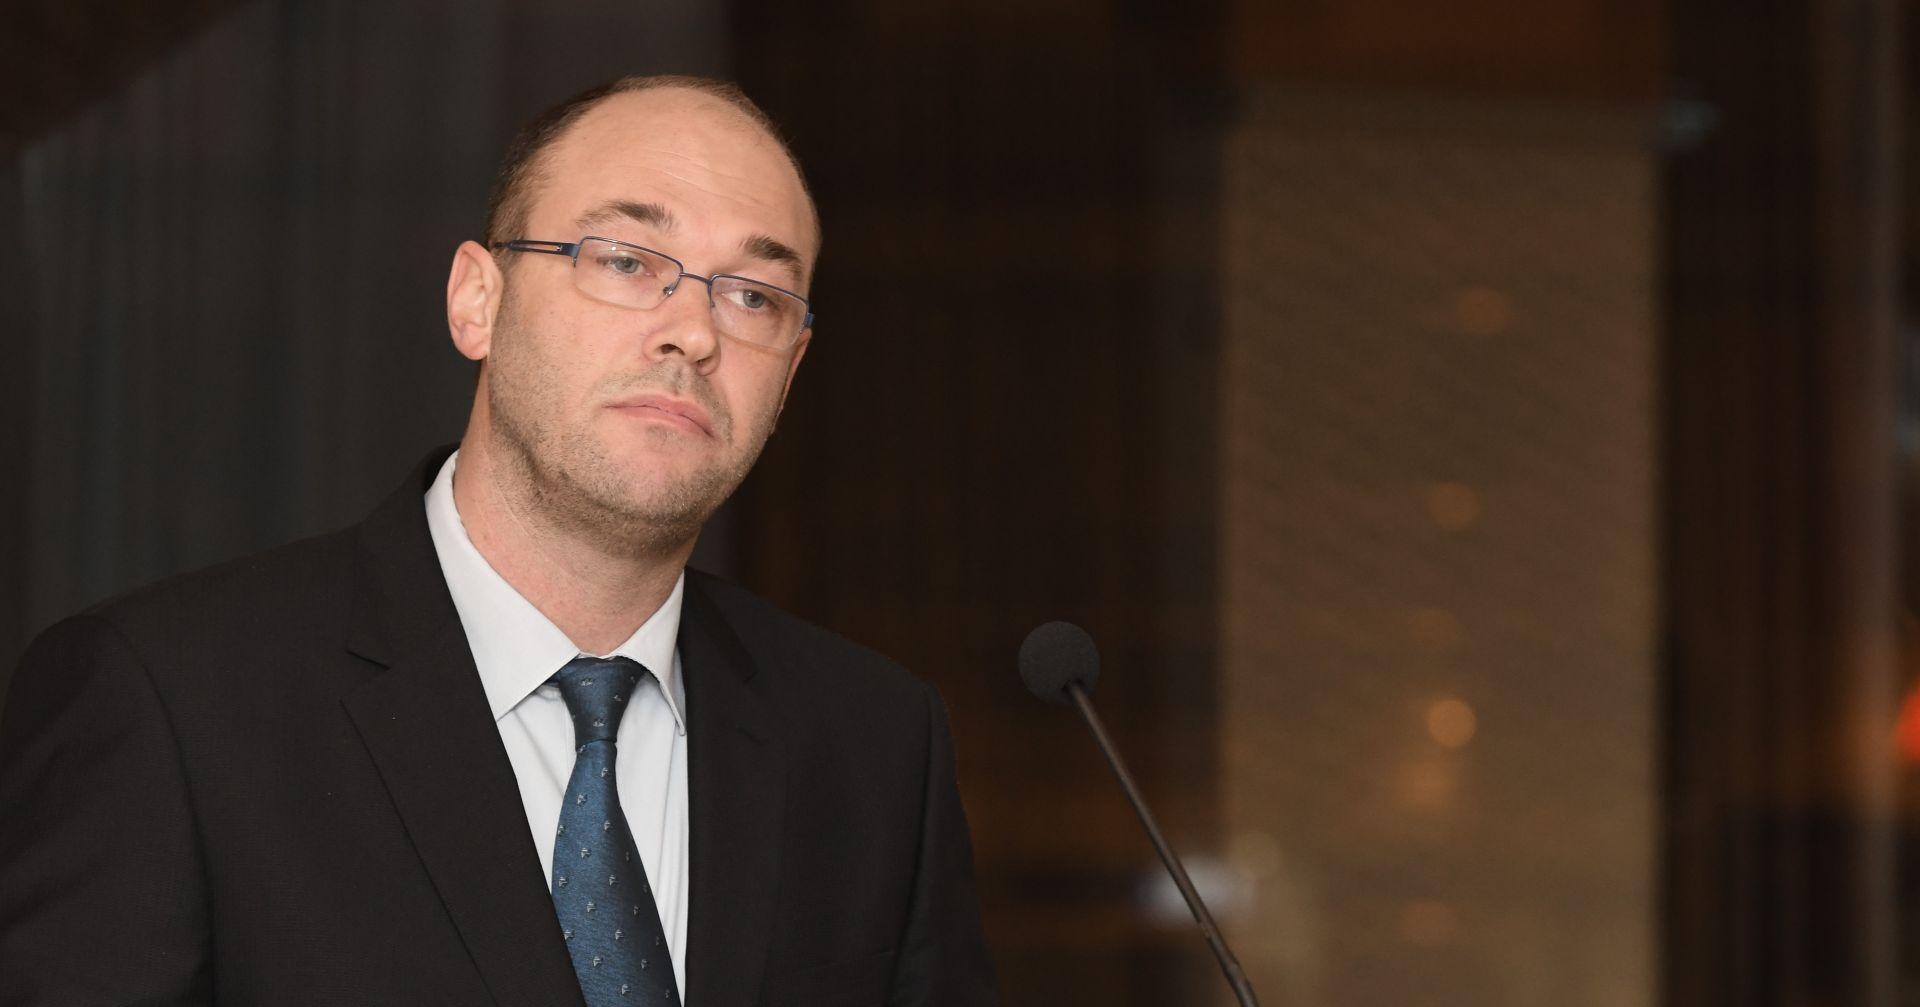 STIER 'Hrvatski veleposlanik u Sarajevu dobio jasne upute u vezi s uhićenjem pripadnika HVO-a'